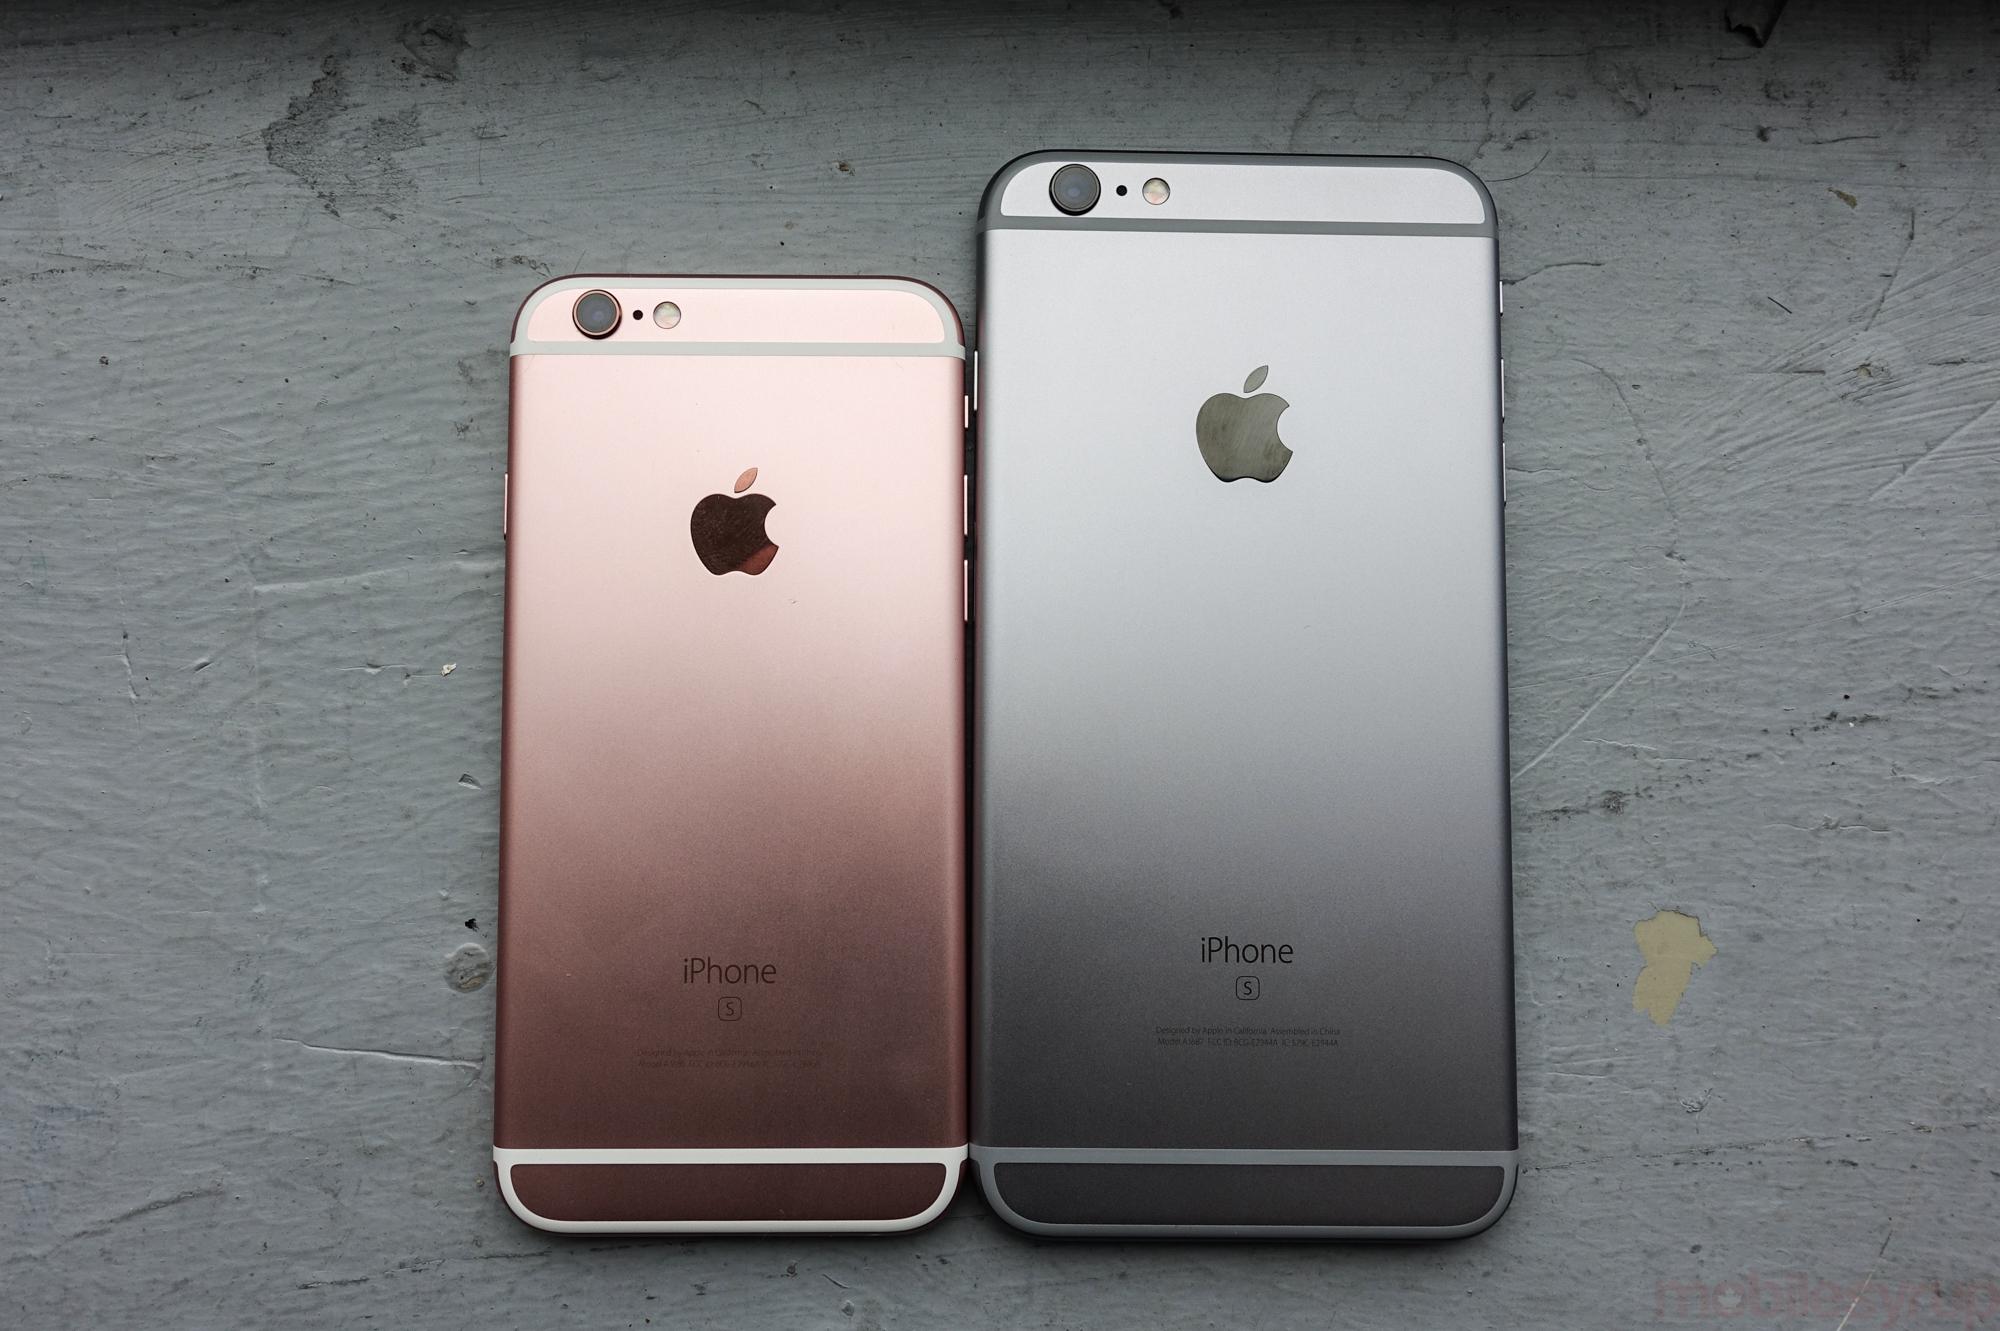 Iphone S Plus Price In Canada